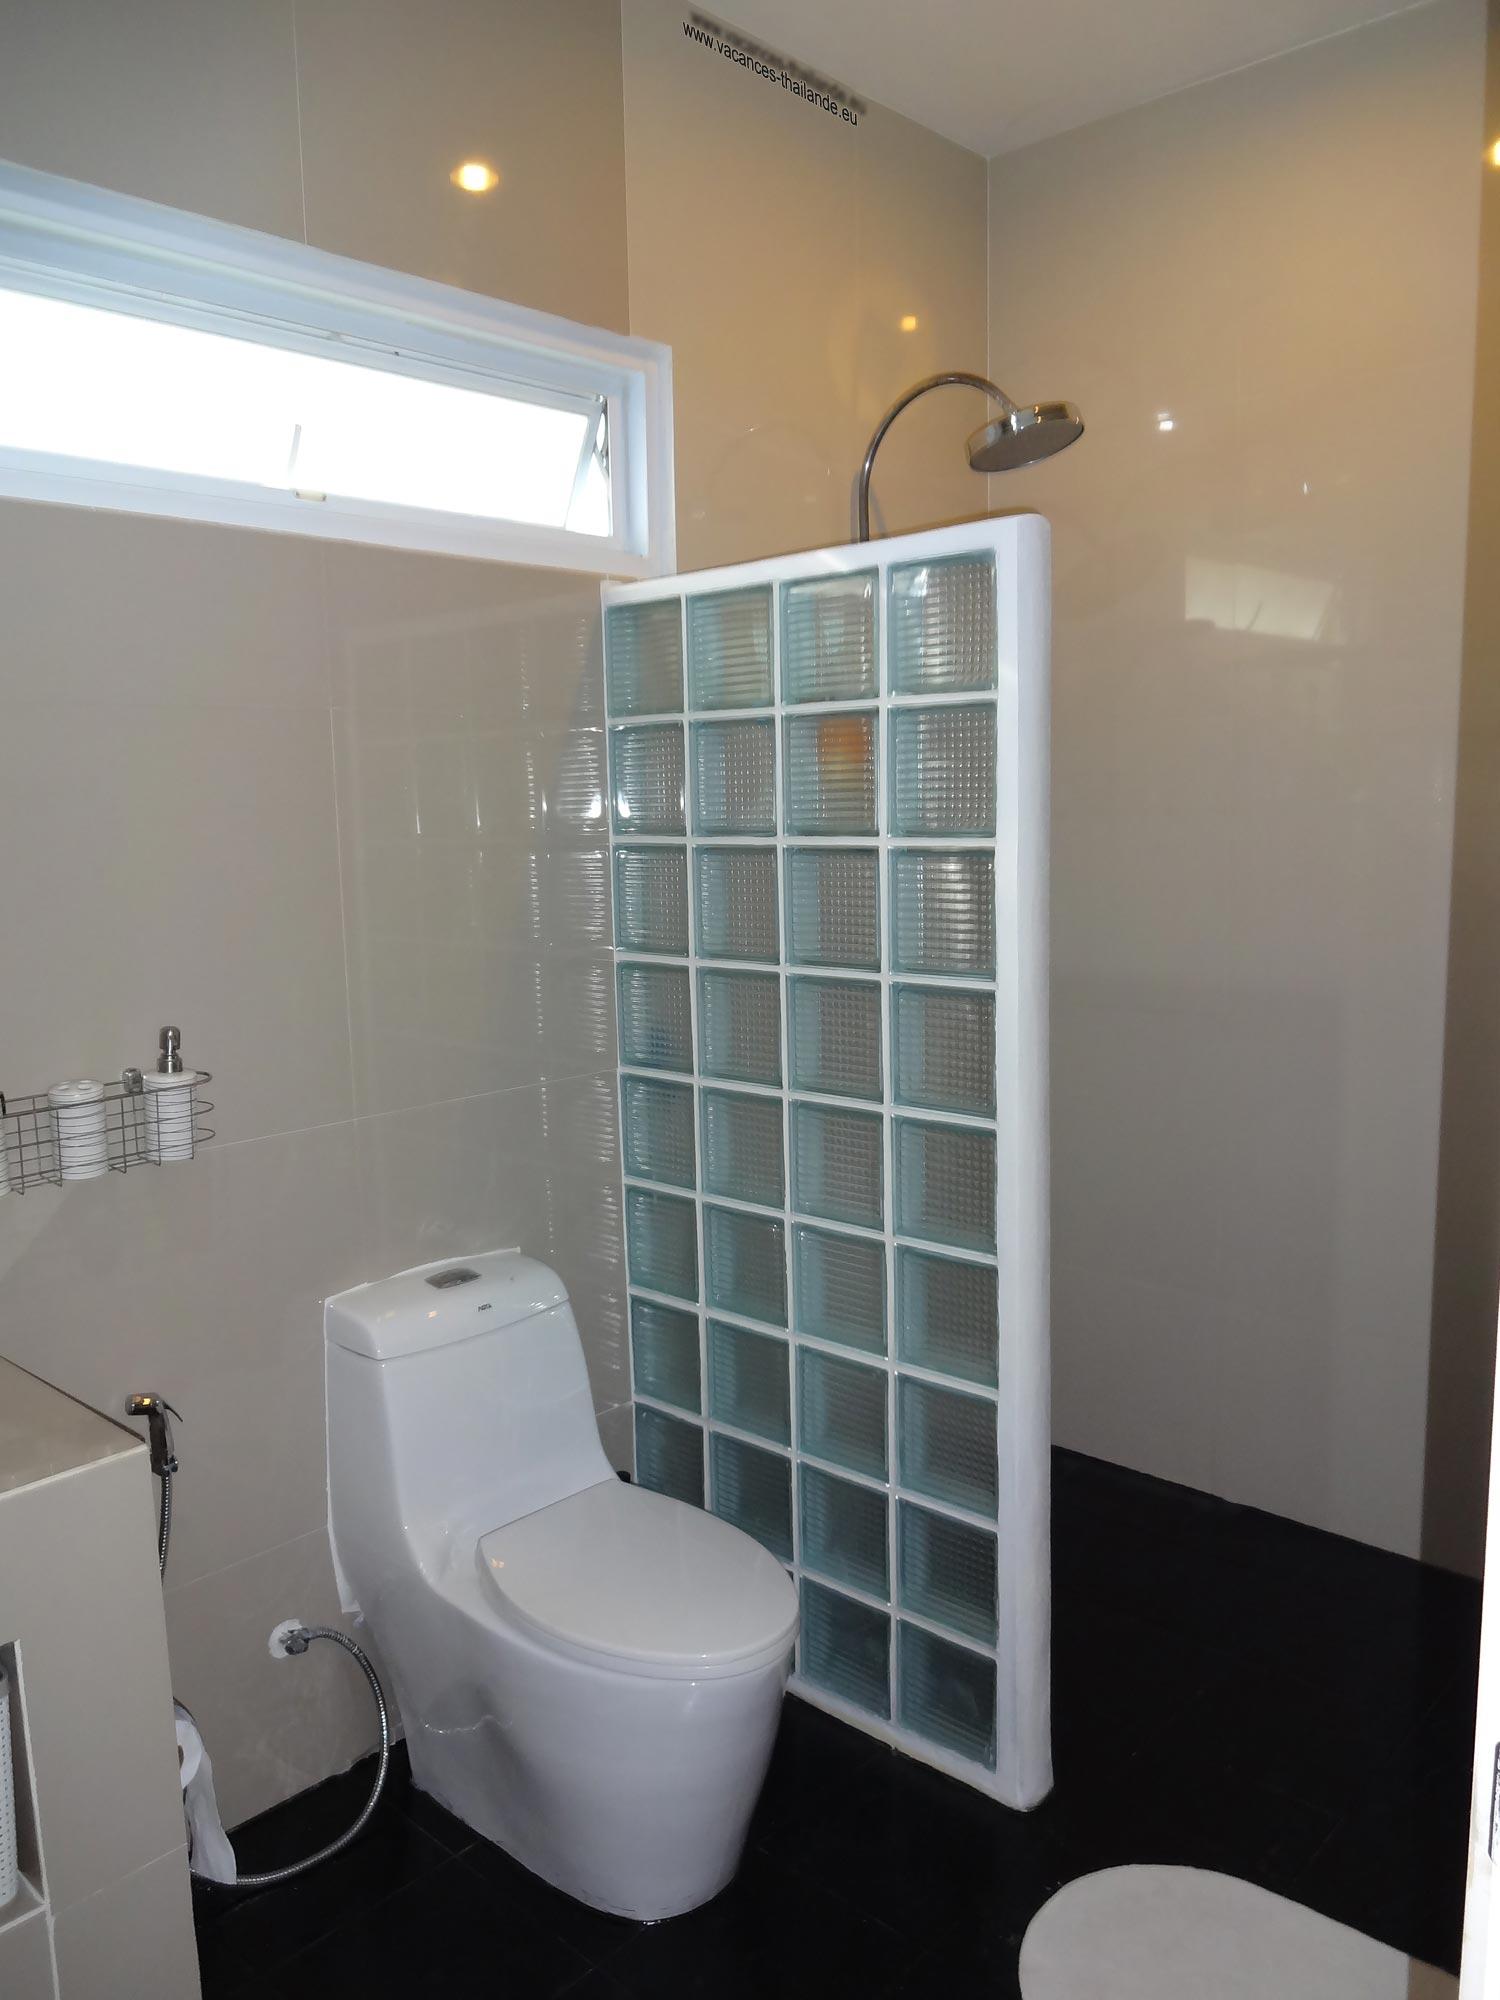 Villa vacances thailande page de la photo 37 salle de bain noire de la chambre queen size mauve - Salle de bain attenante ...